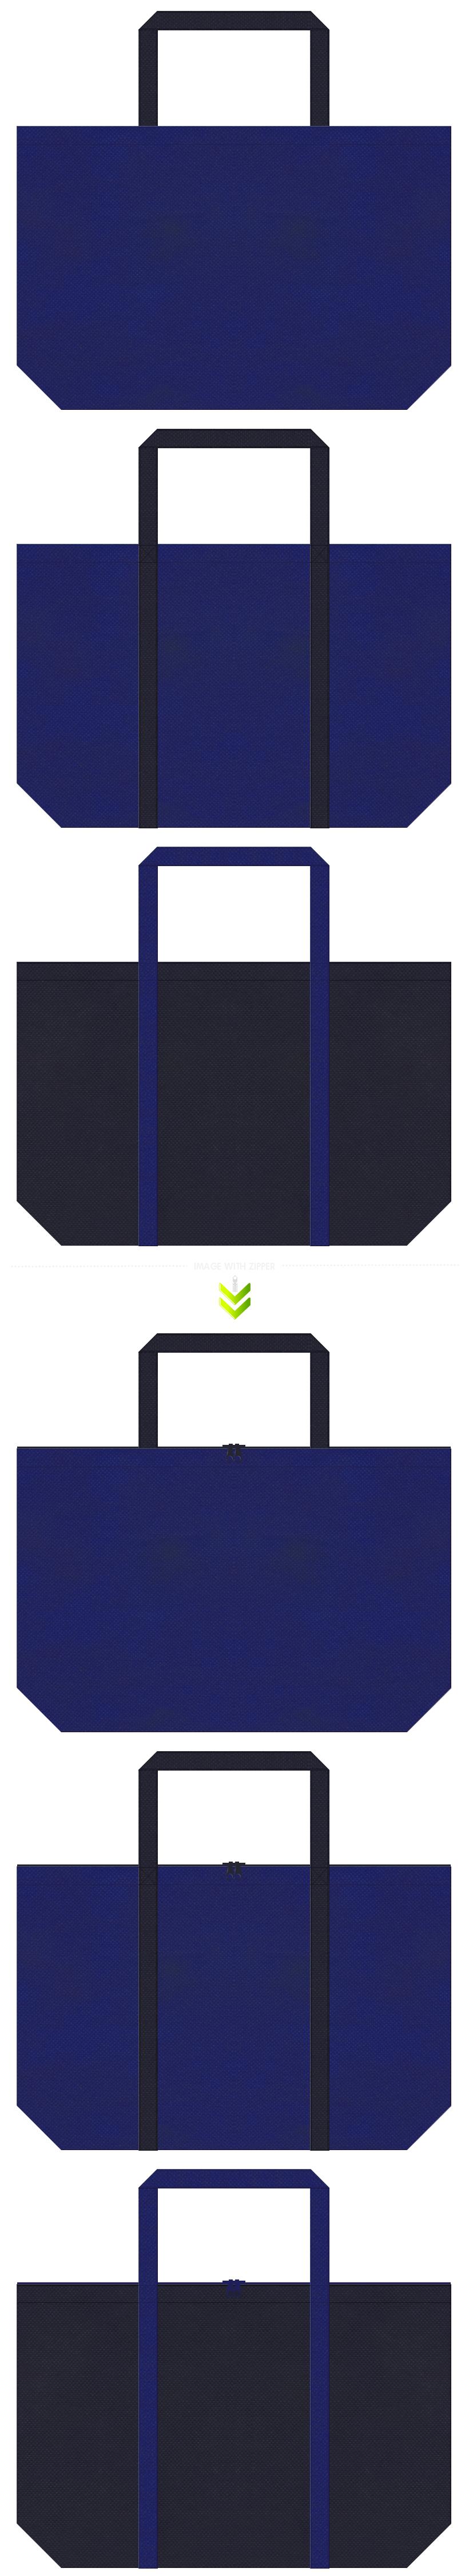 明るい紺色と濃紺色の不織布エコバッグのデザイン。ホラーのイメージにお奨めの配色です。